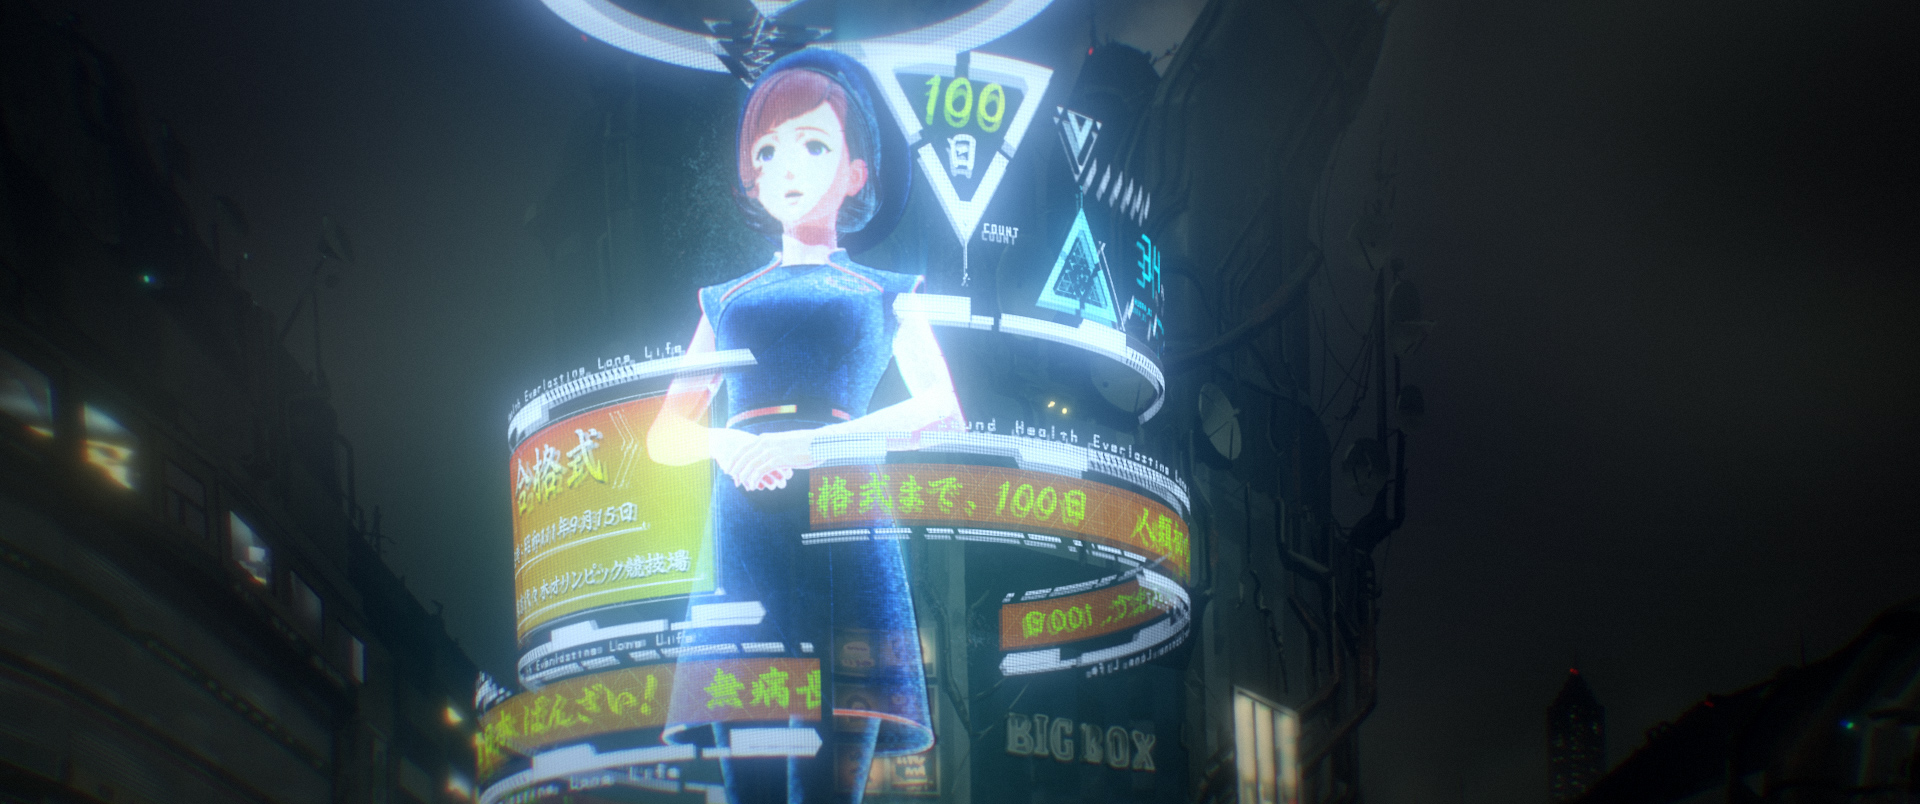 Эксклюзив: отрывок полнометражного аниме Human Lost 3